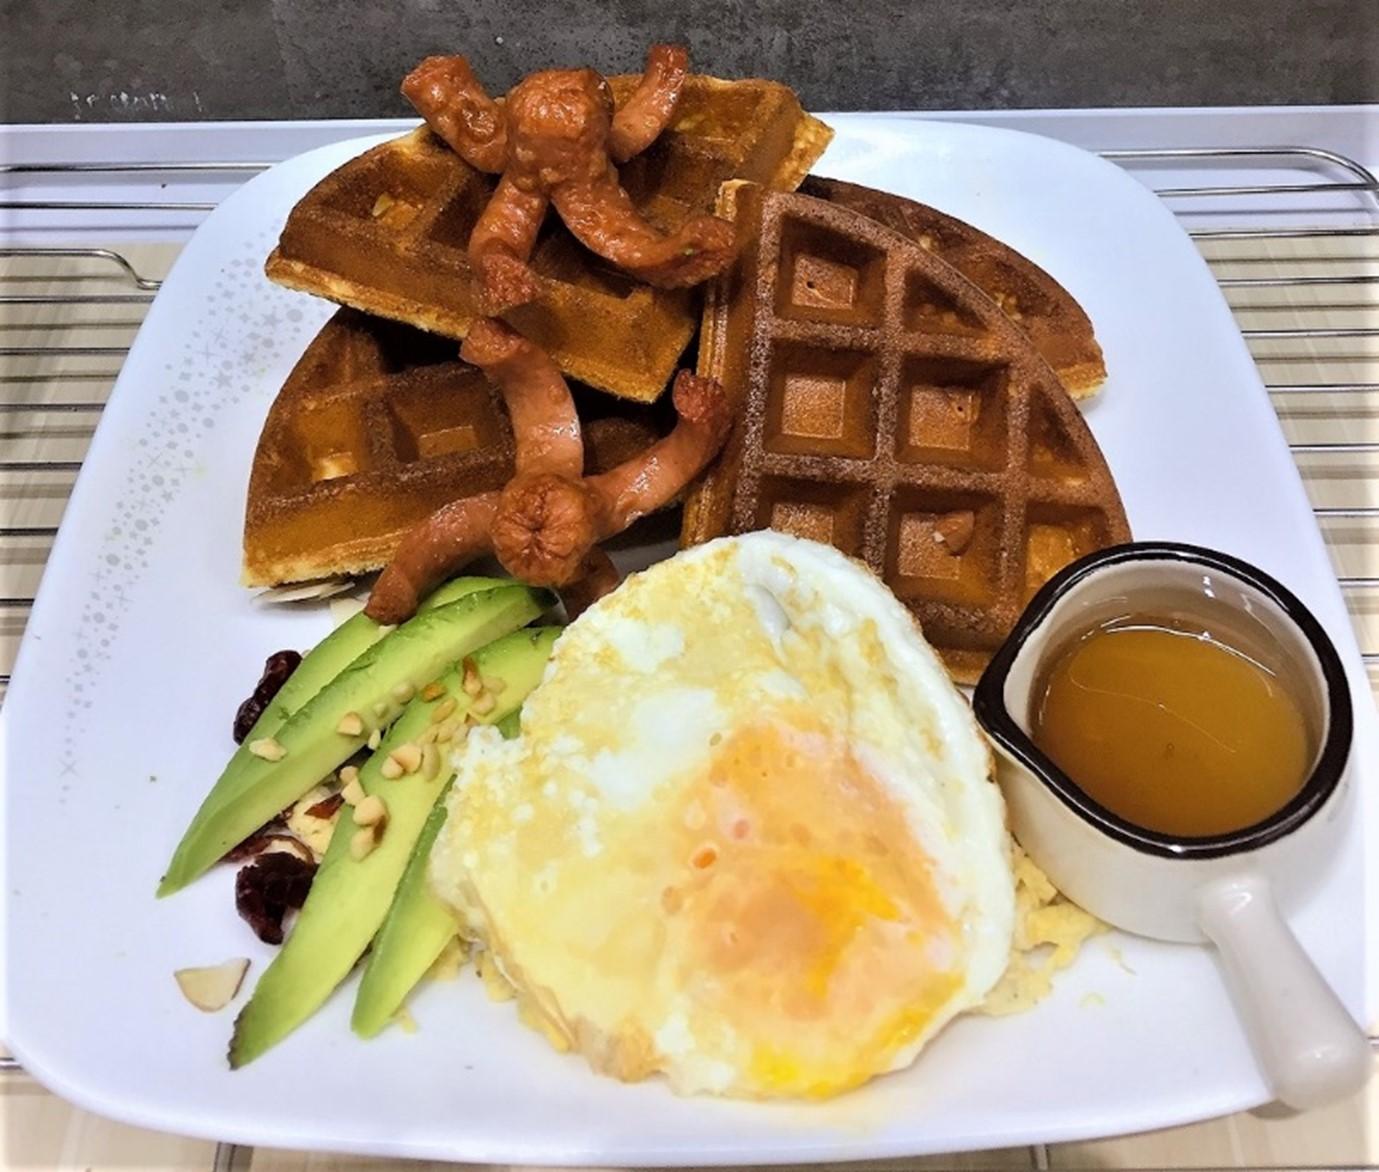 1 x Sausage & Egg Waffle